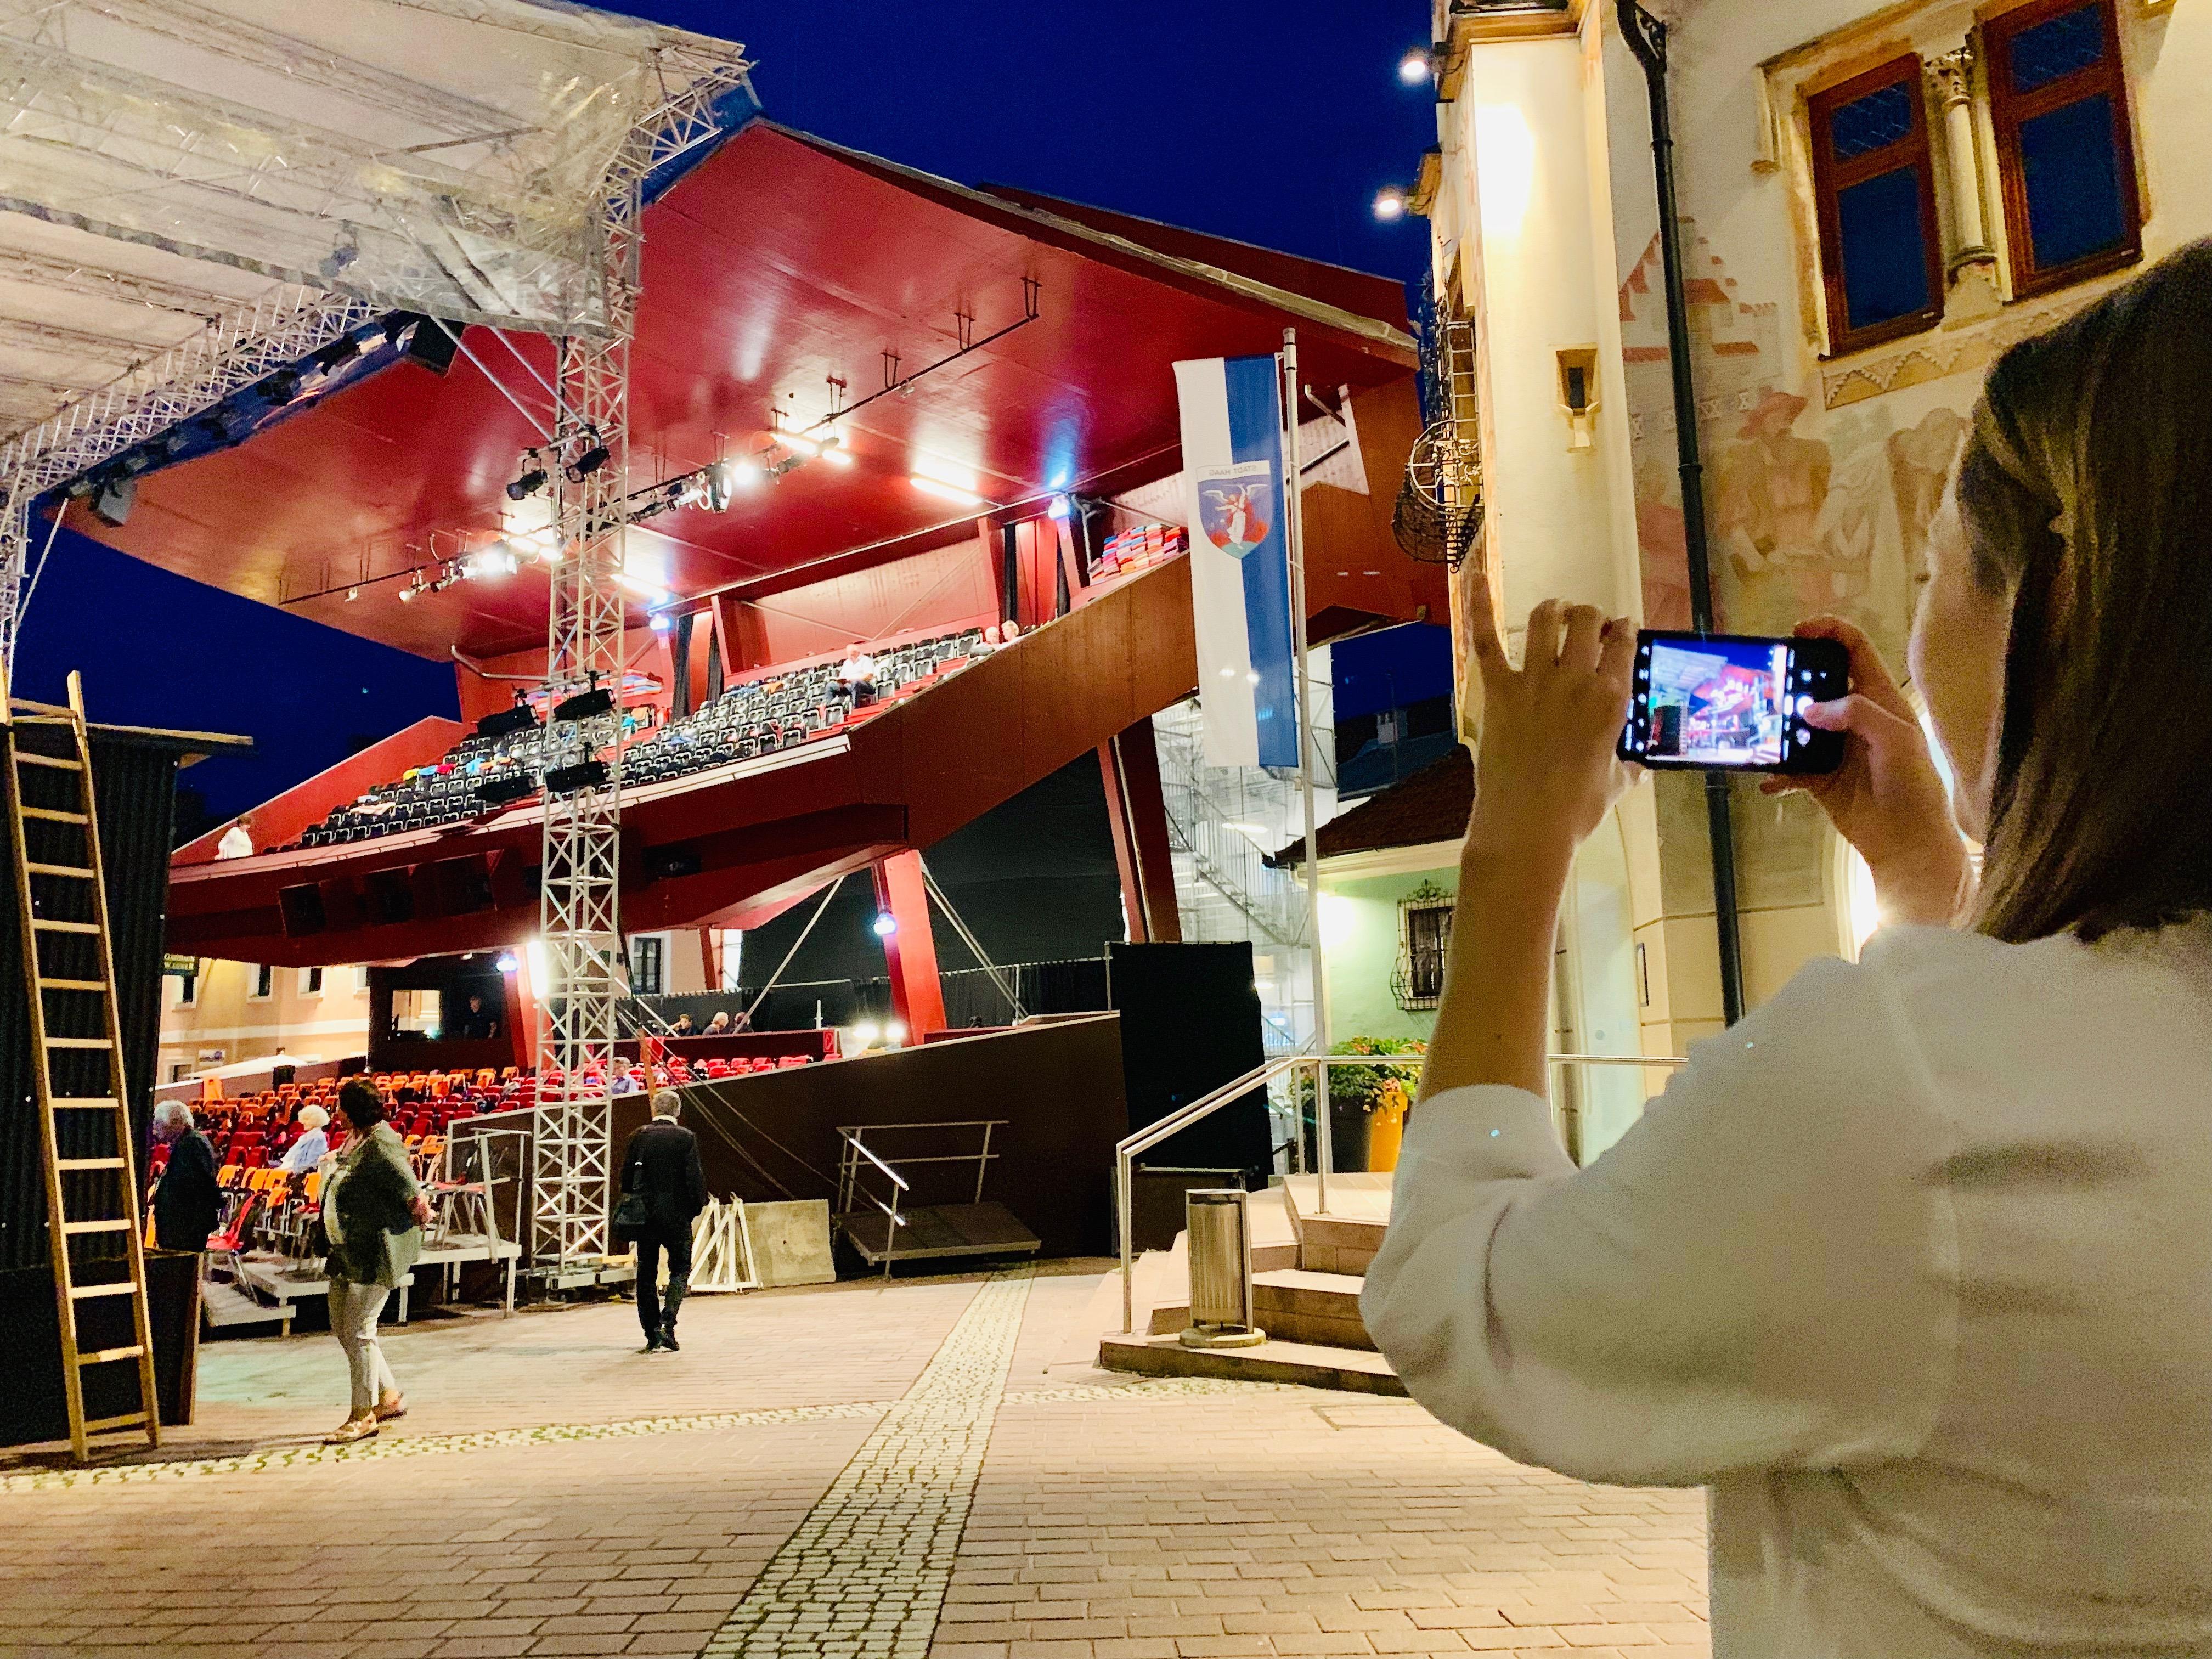 Sommertheater in Haag: Eine temporäre Tribüne direkt am Hauptplatz sorgt für überregionale Aufmerksamkeit.